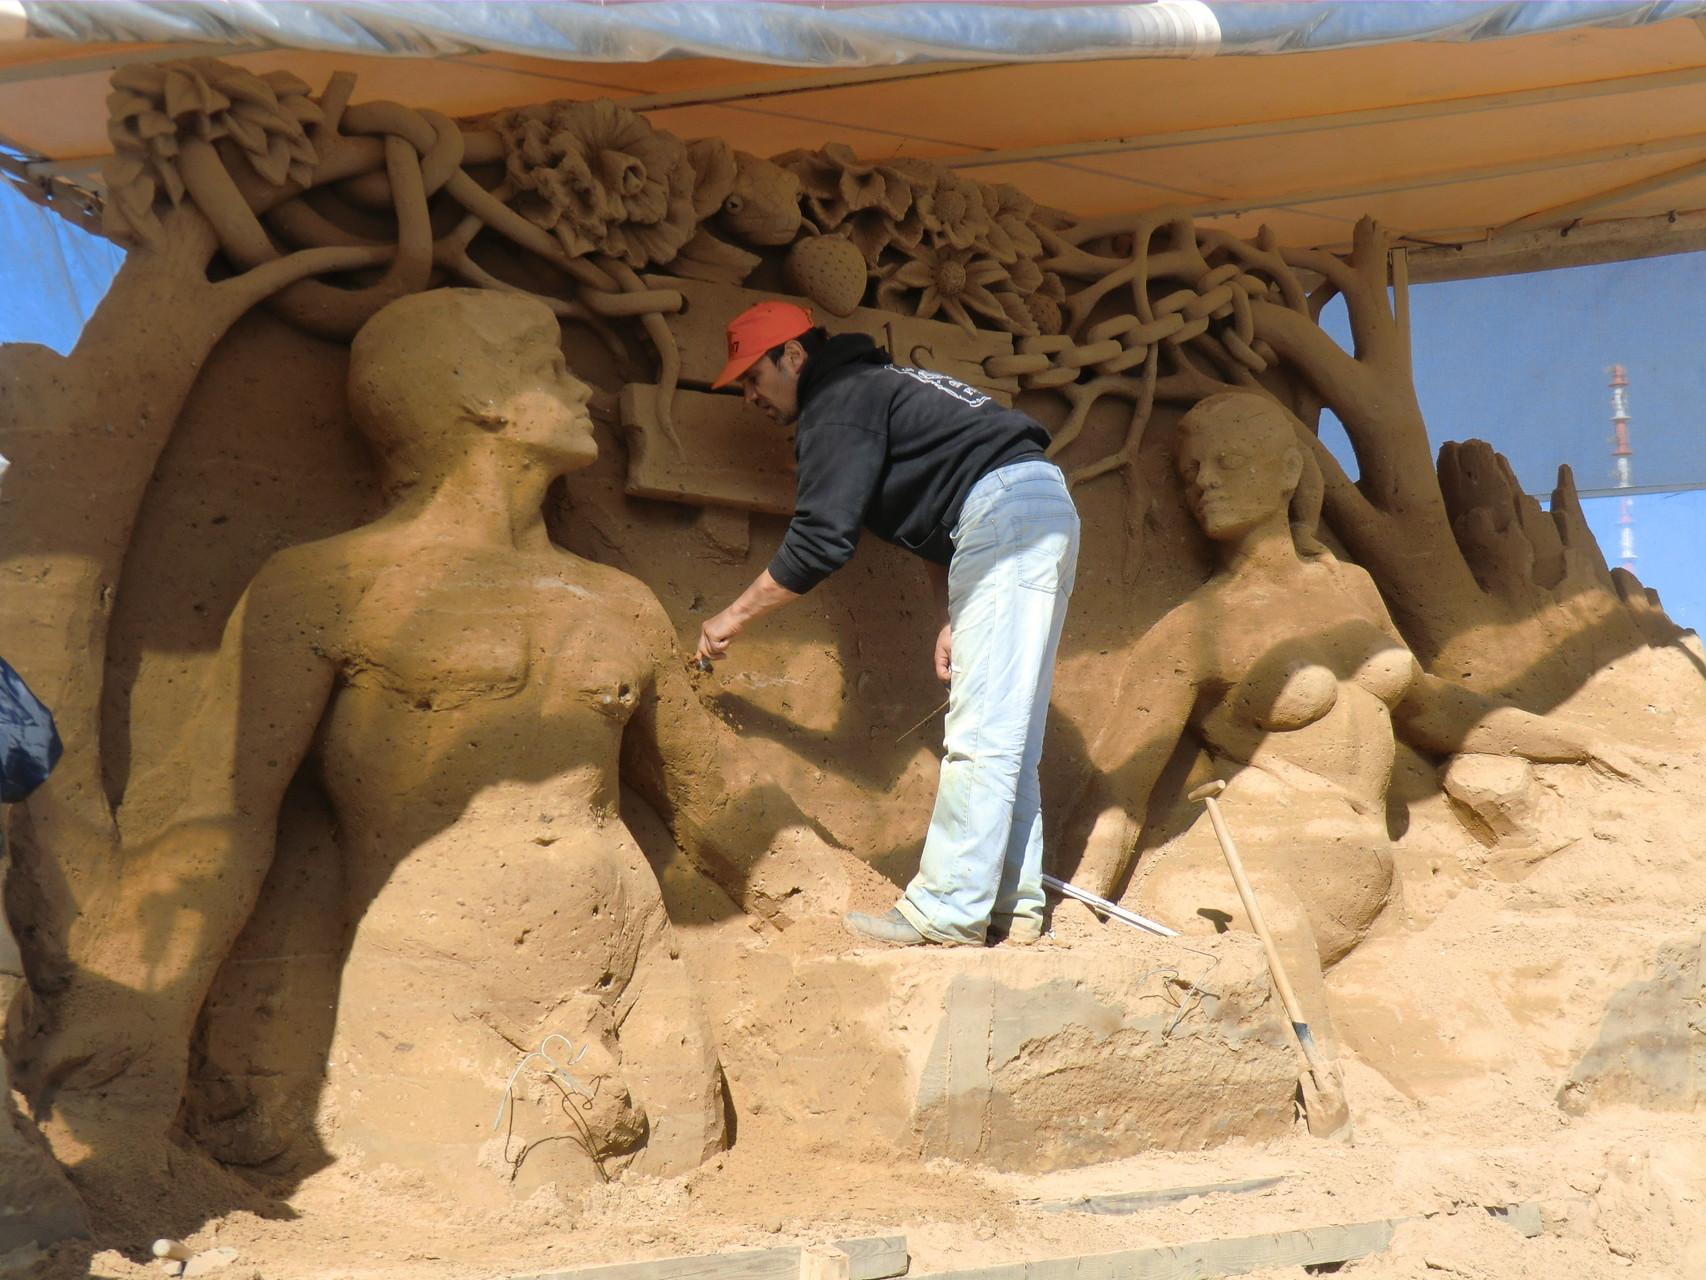 Der Künstler mit seiner Sandskulptur